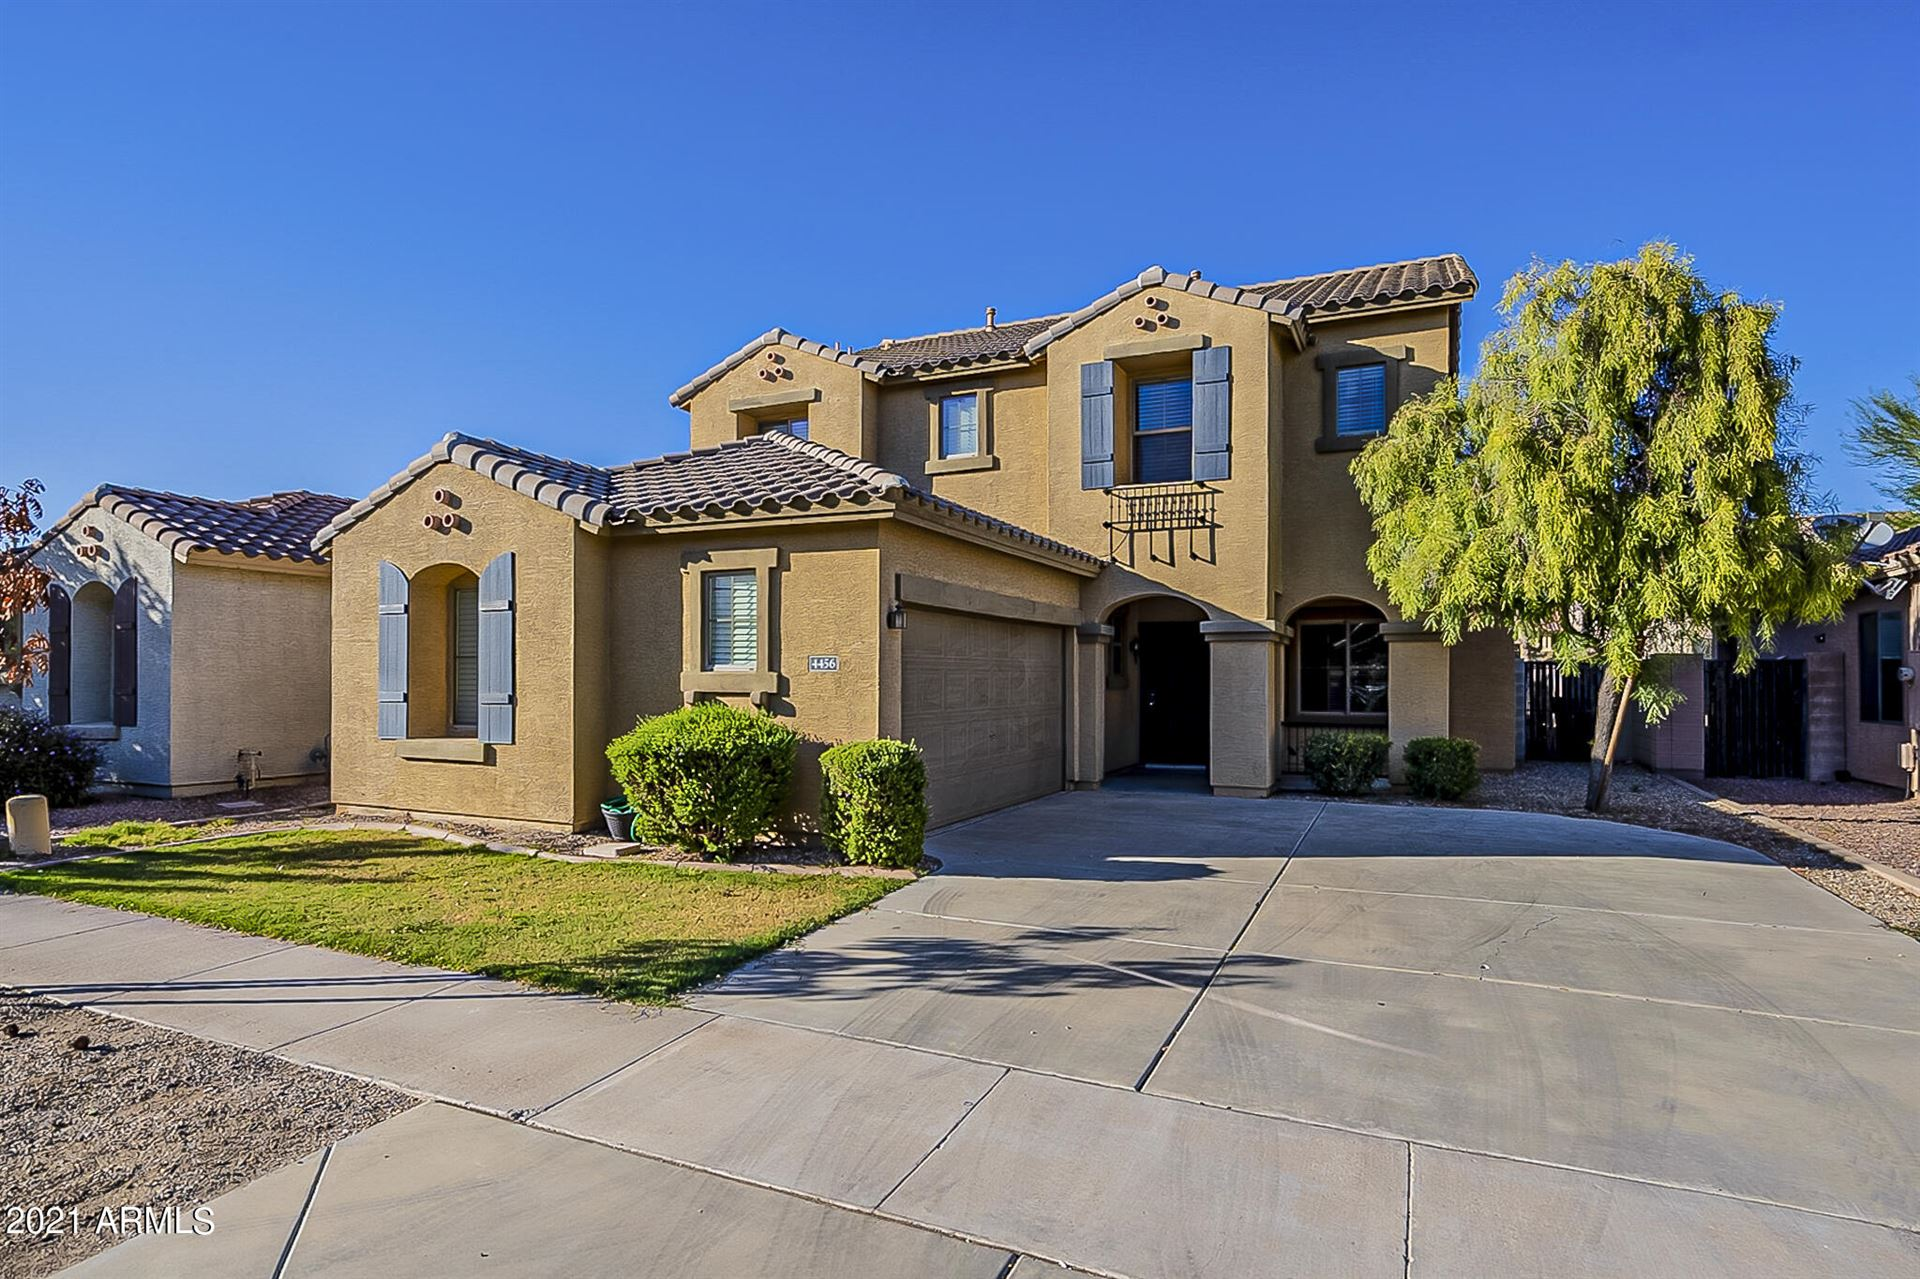 Photo of 4456 E OXFORD Lane, Gilbert, AZ 85295 (MLS # 6307558)